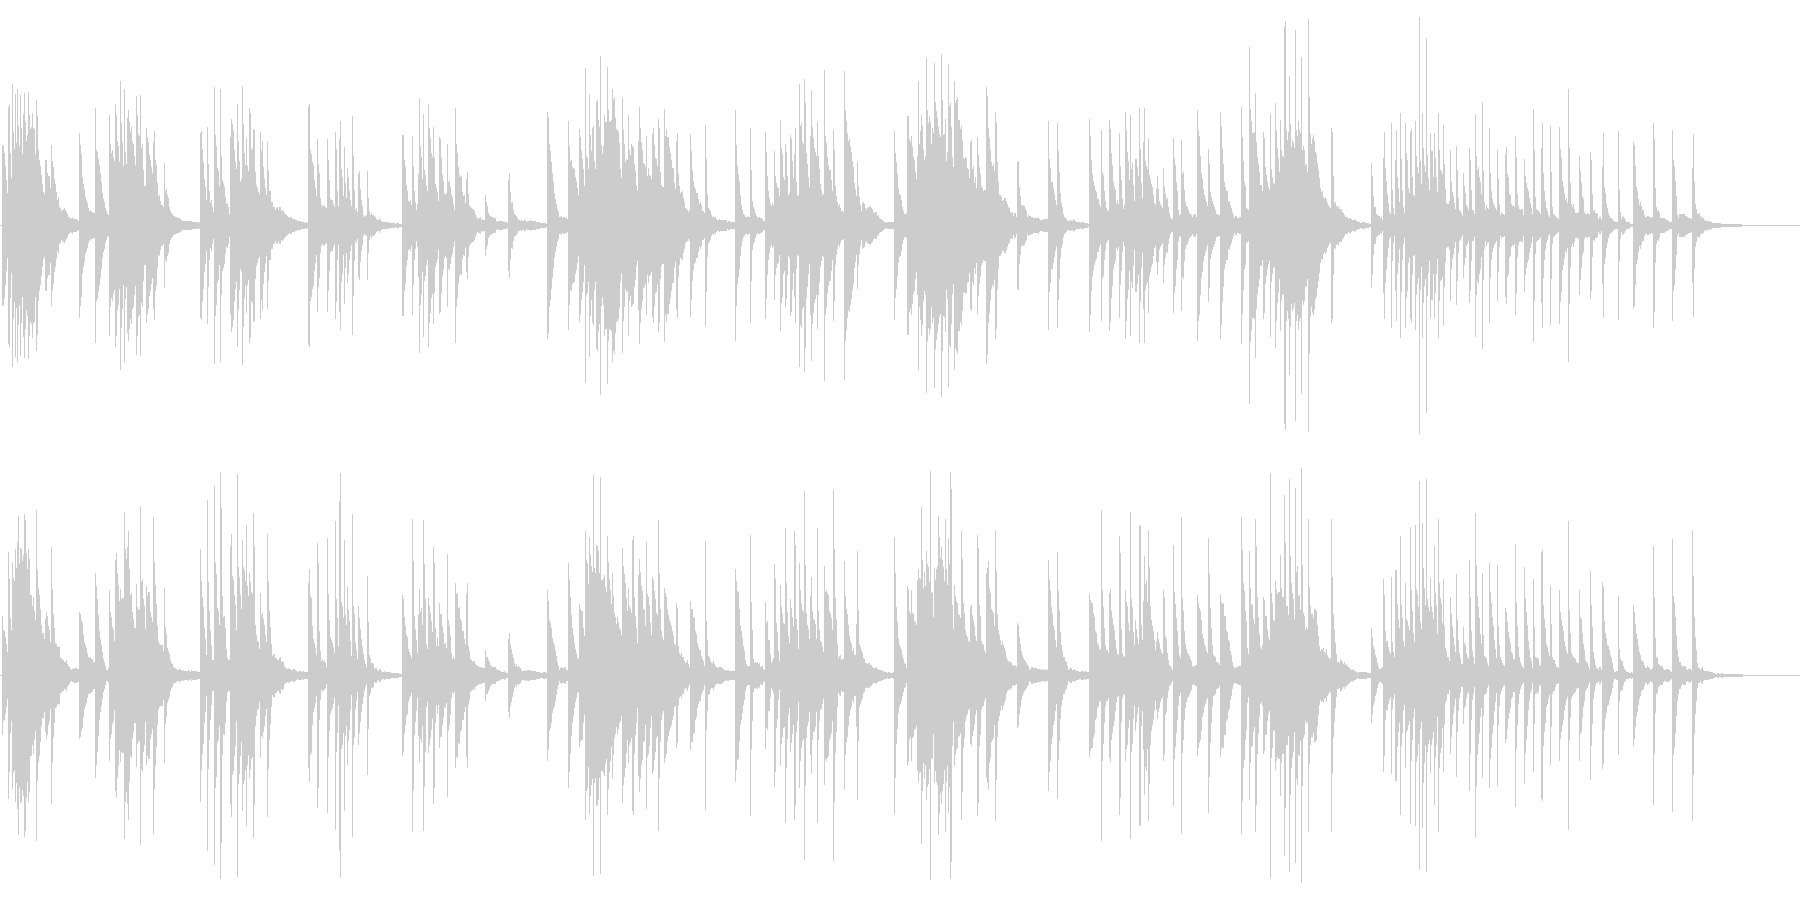 どこか不安定な印象のあるピアノサウンドの未再生の波形